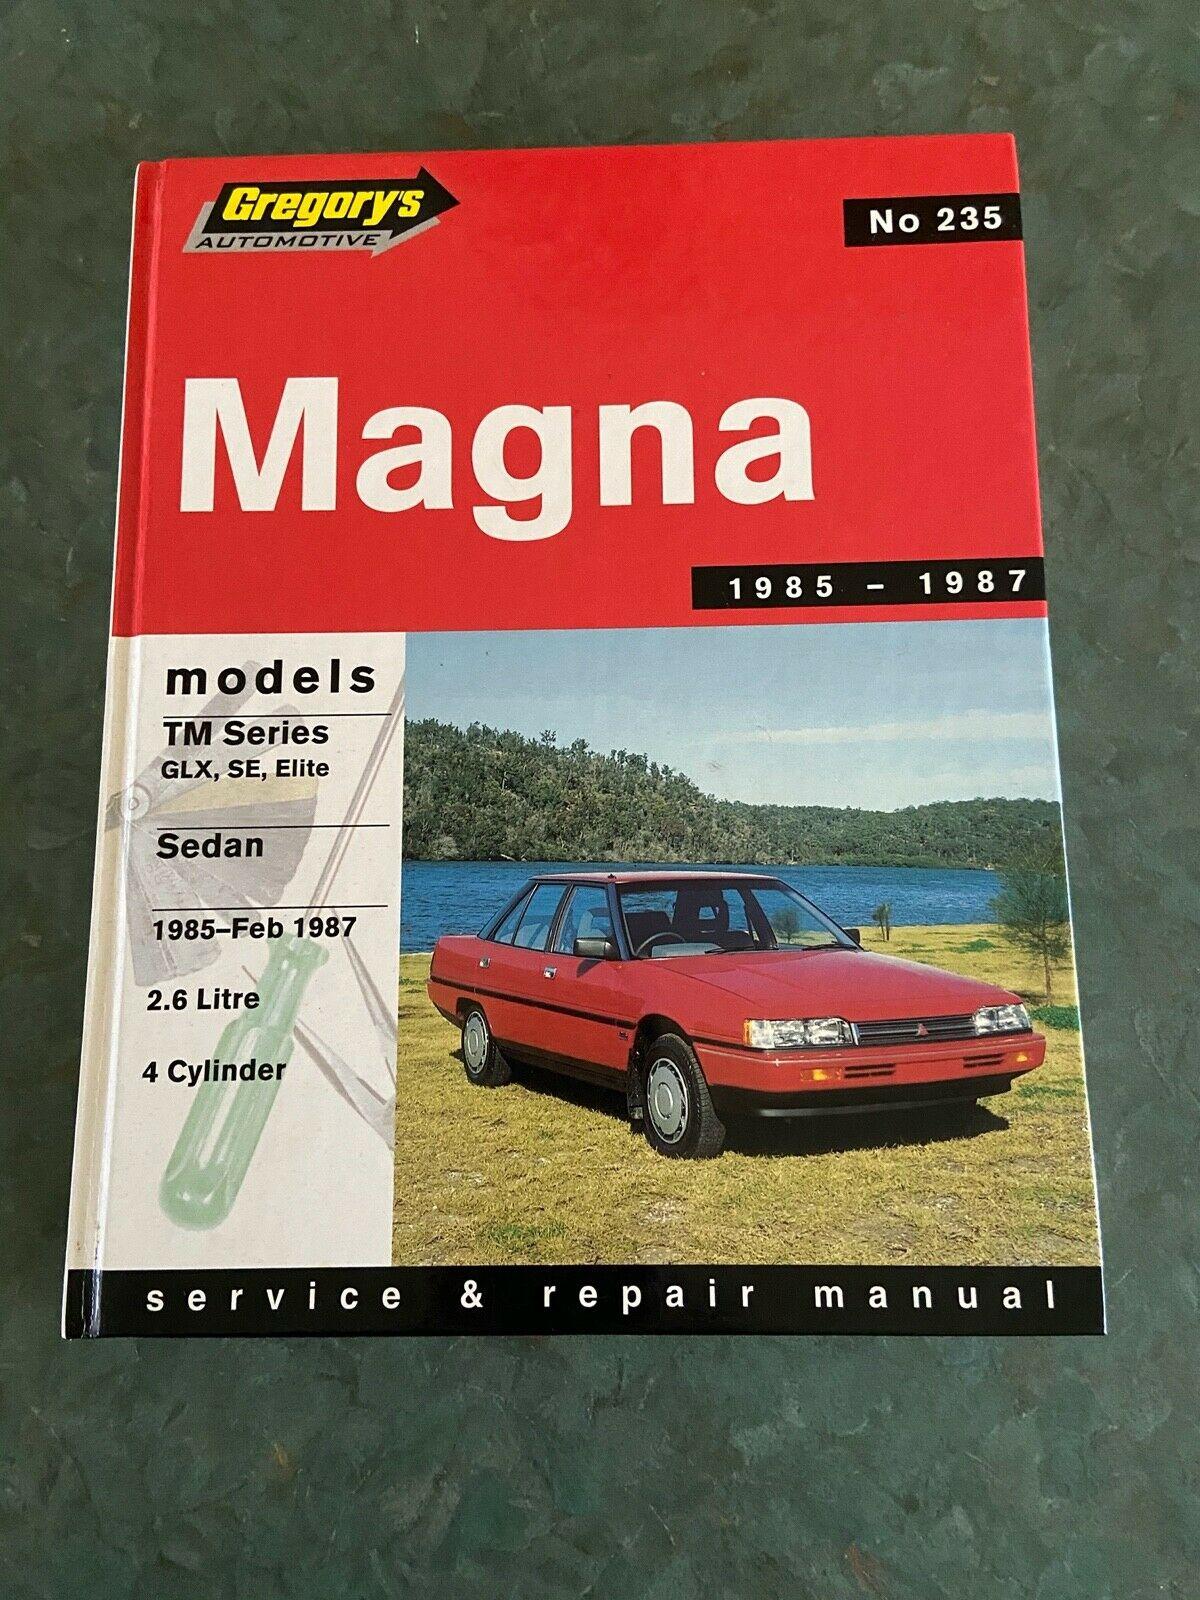 Mitsubishi Magna Tm Series, 1985-1986: Sedan 2.6 Litre 4cyl Glz SE Elite